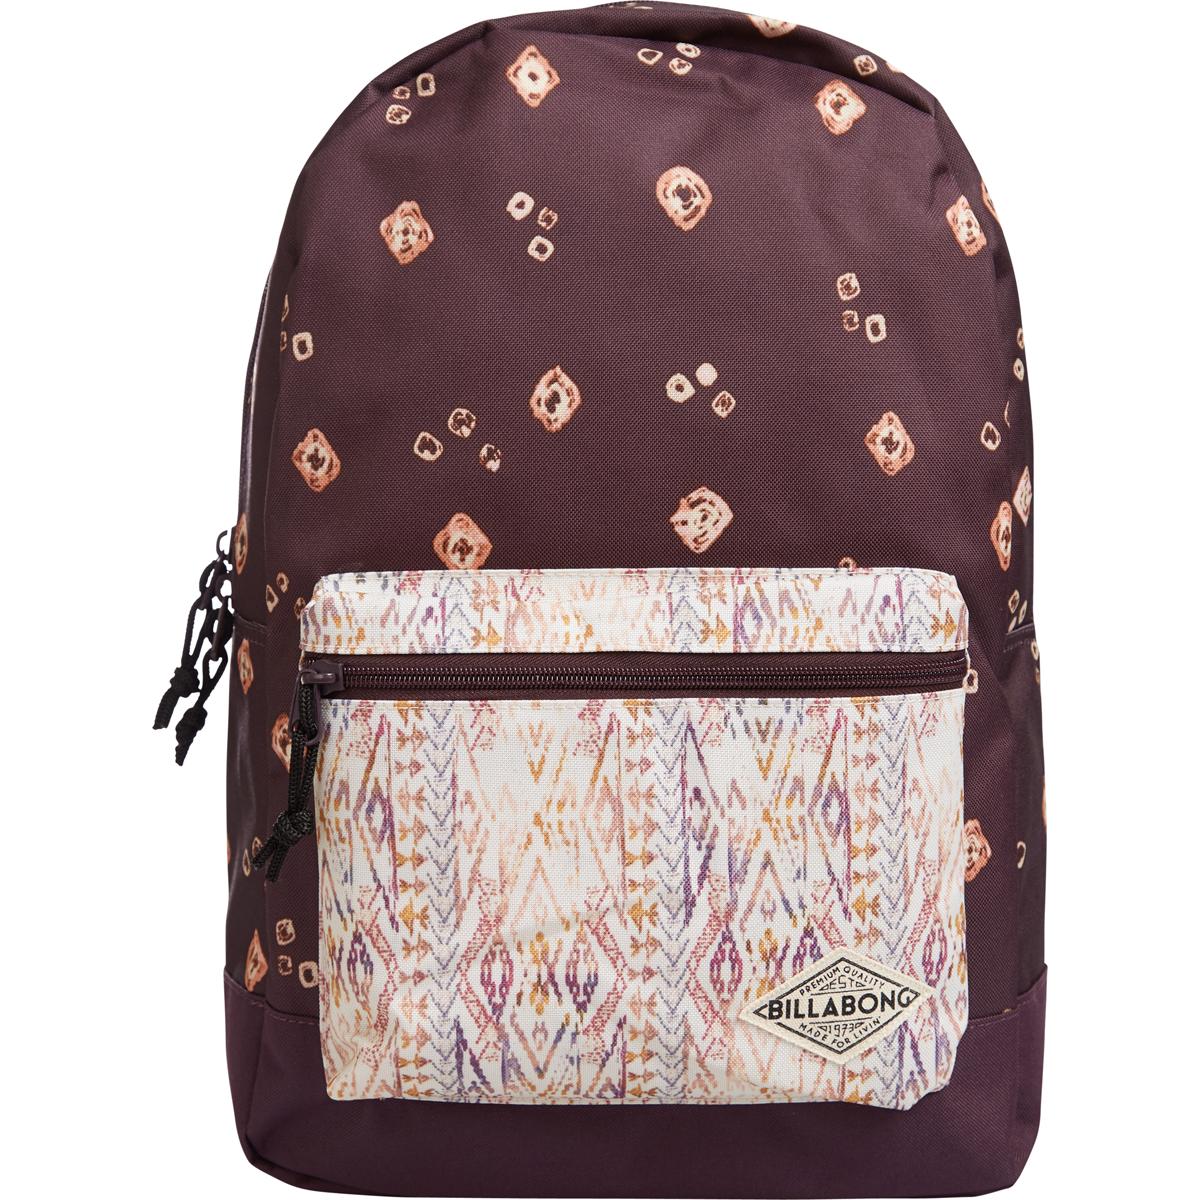 Рюкзак городской женский Billabong Study, цвет: светло-бордовый, 20 л. Z9BP04Z9BP04Стильный женский рюказк с необычными цветовыми решениями. Есть все самое необхадимое, отсек для ноутбука и для мелких канцелярских принадлежностей.